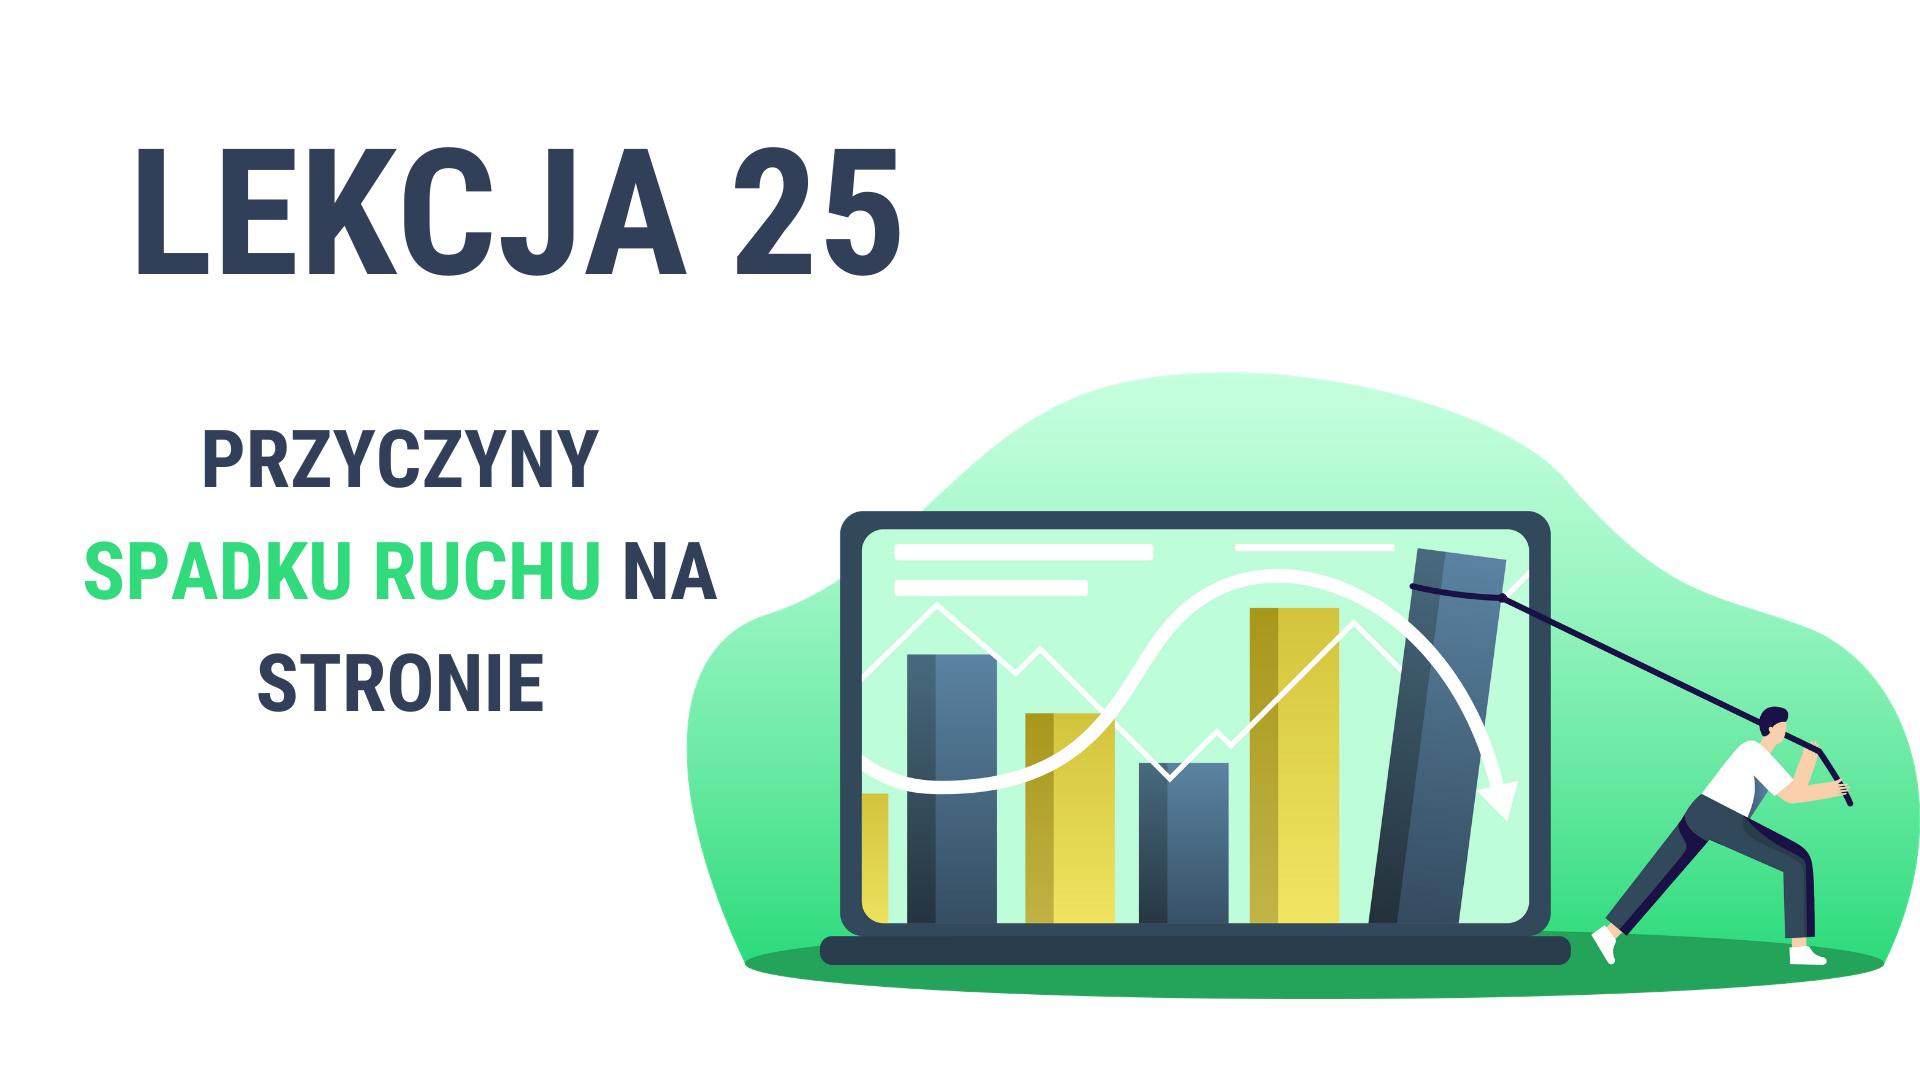 Lekcja 25 - Przyczyny spadku ruchu na stronie